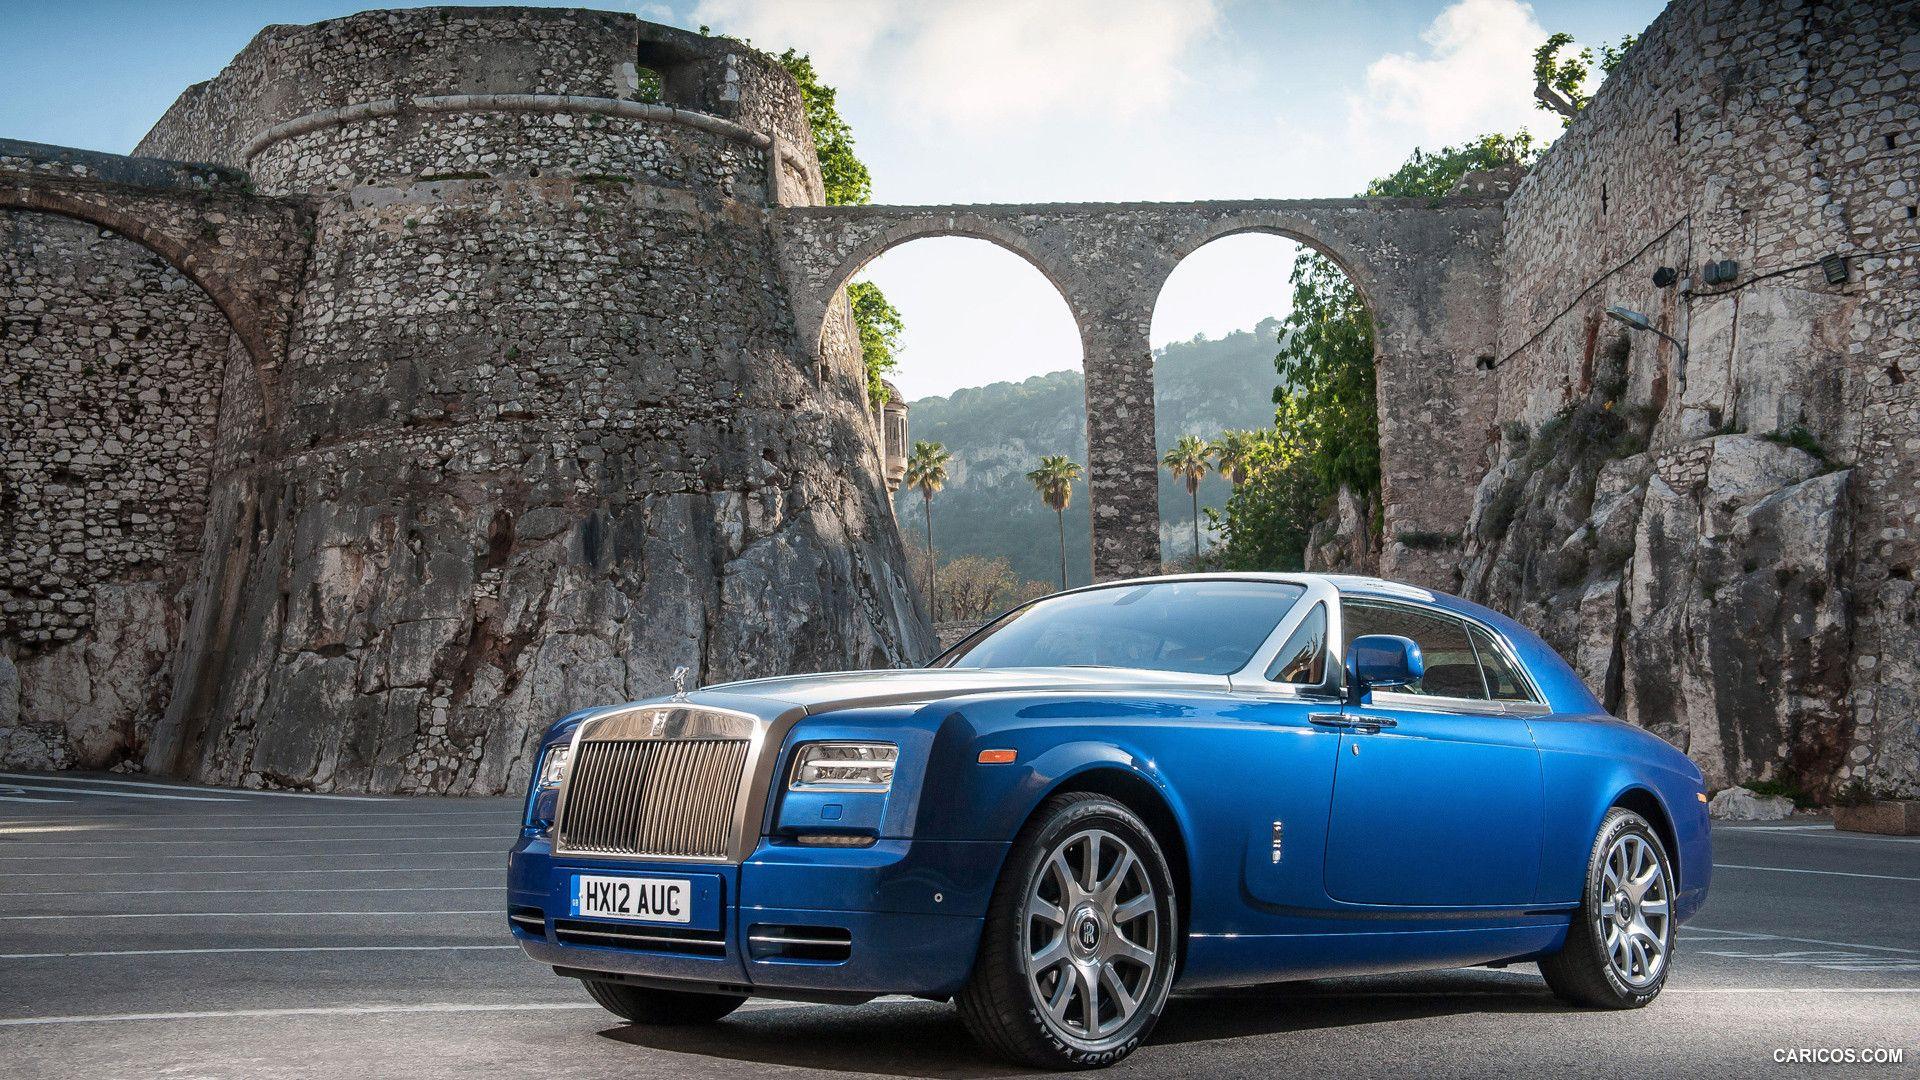 Rolls Royce Hd Wallpapers Rolls Royce Hd Wallpapers Pinterest